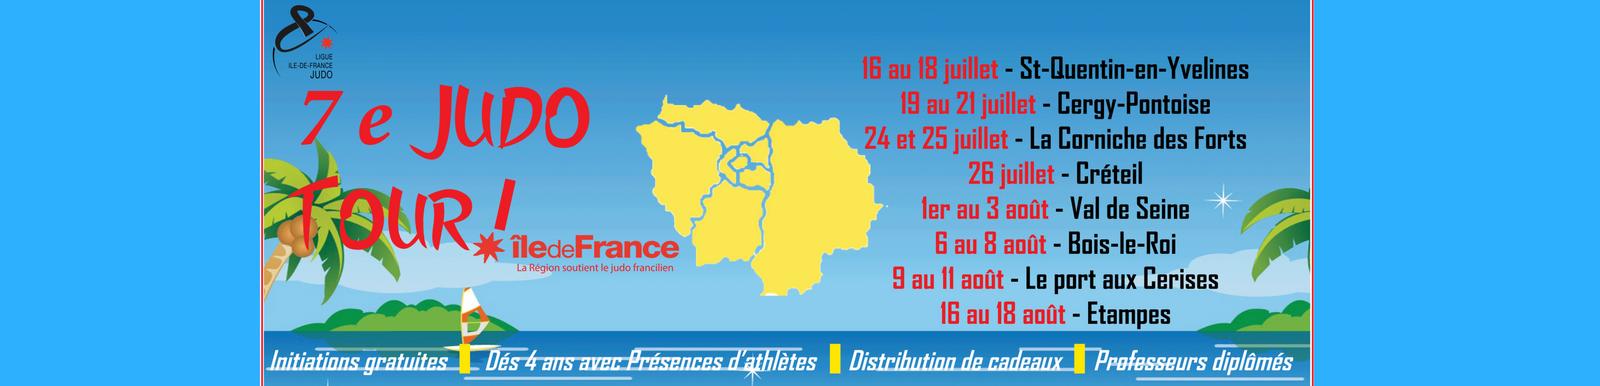 banniere-web-slide-show-judotour2018